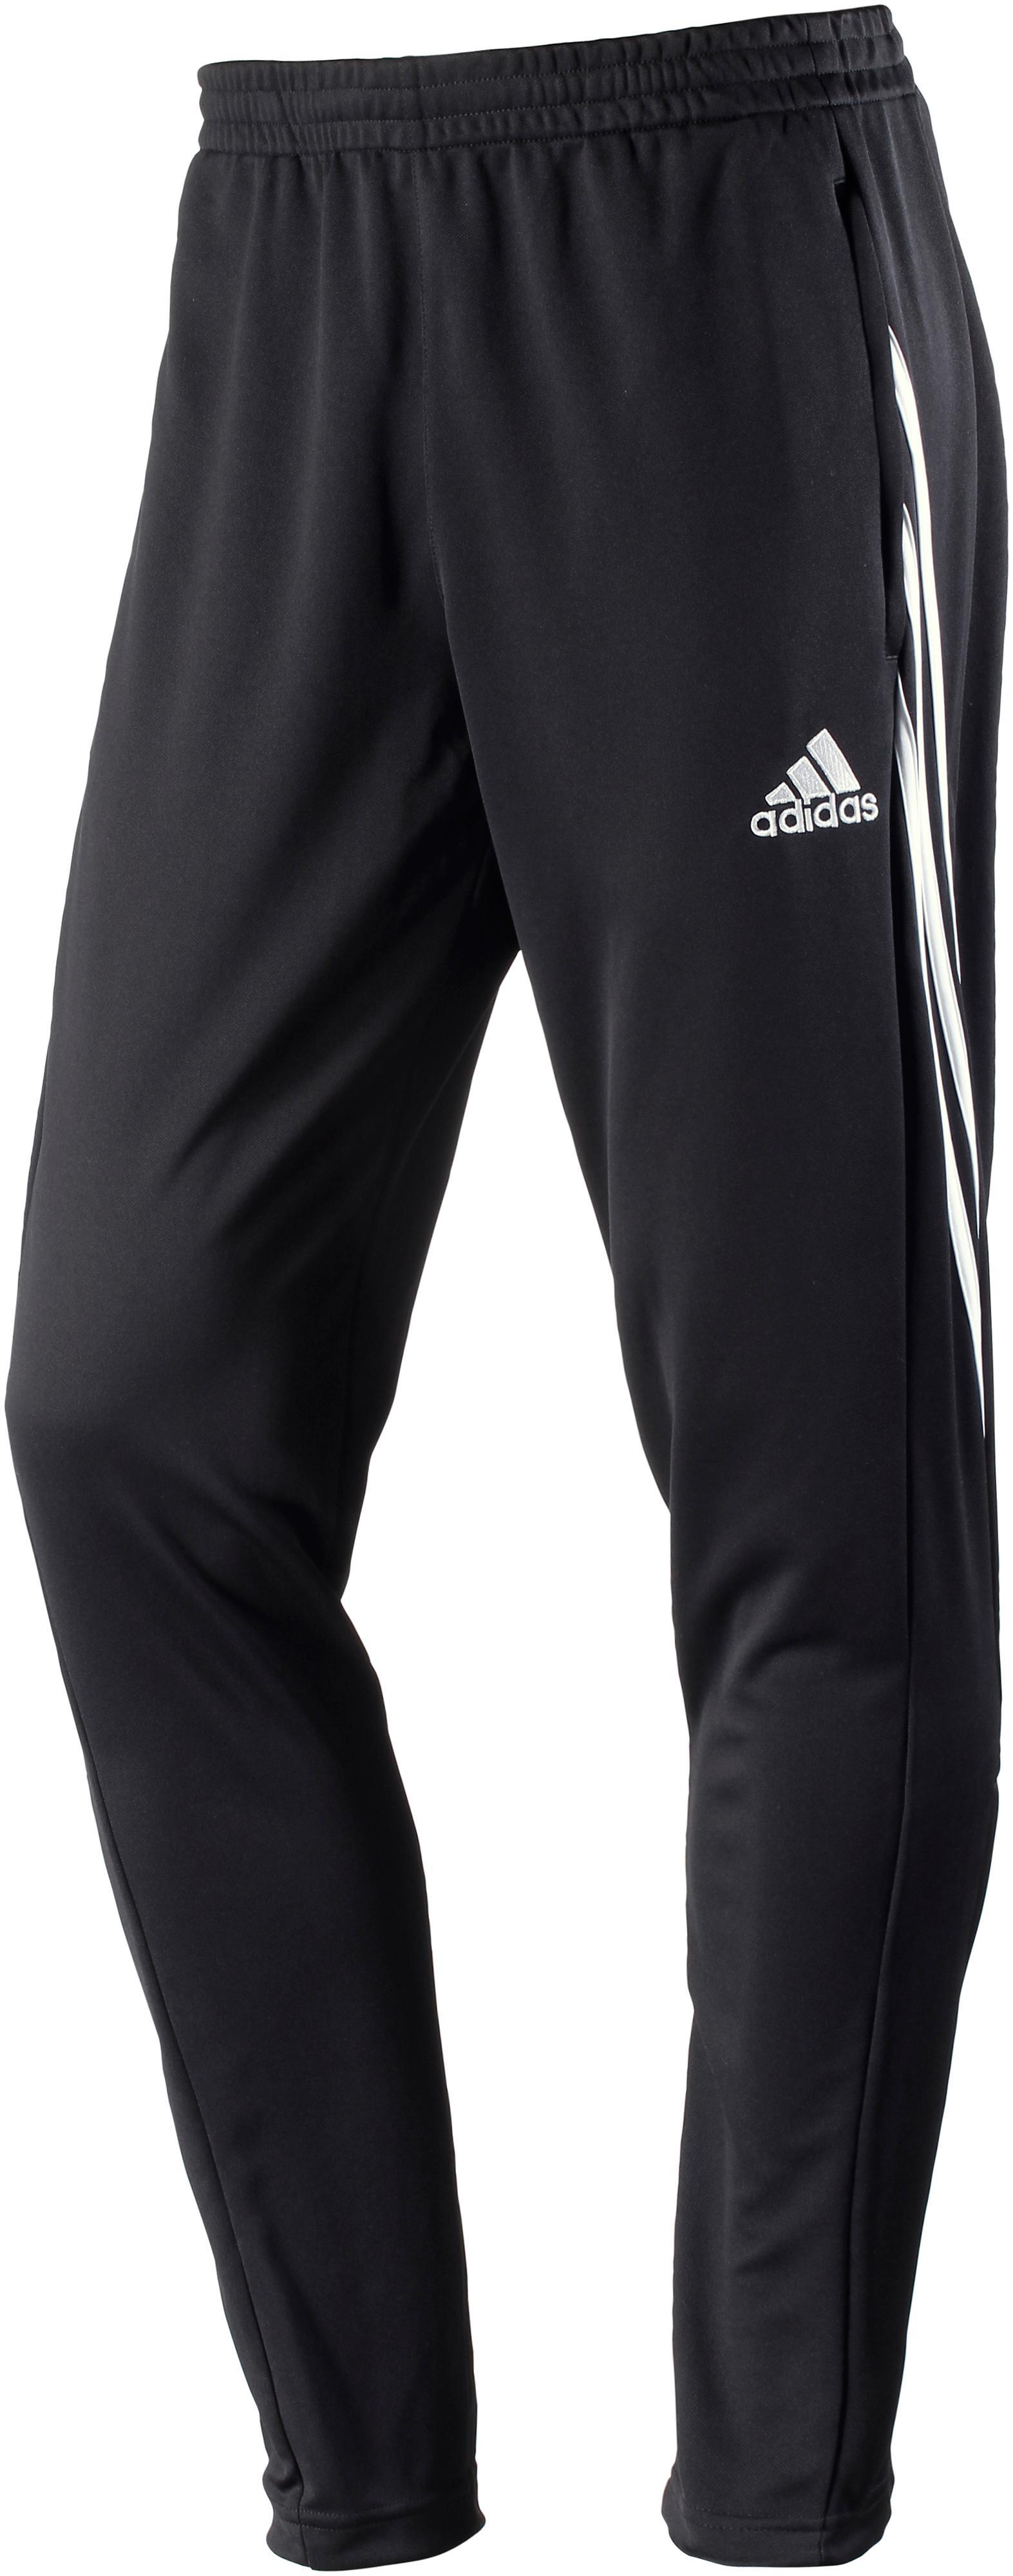 adidas Sereno 14 Trainingshose Herren schwarz im Online Shop von SportScheck kaufen